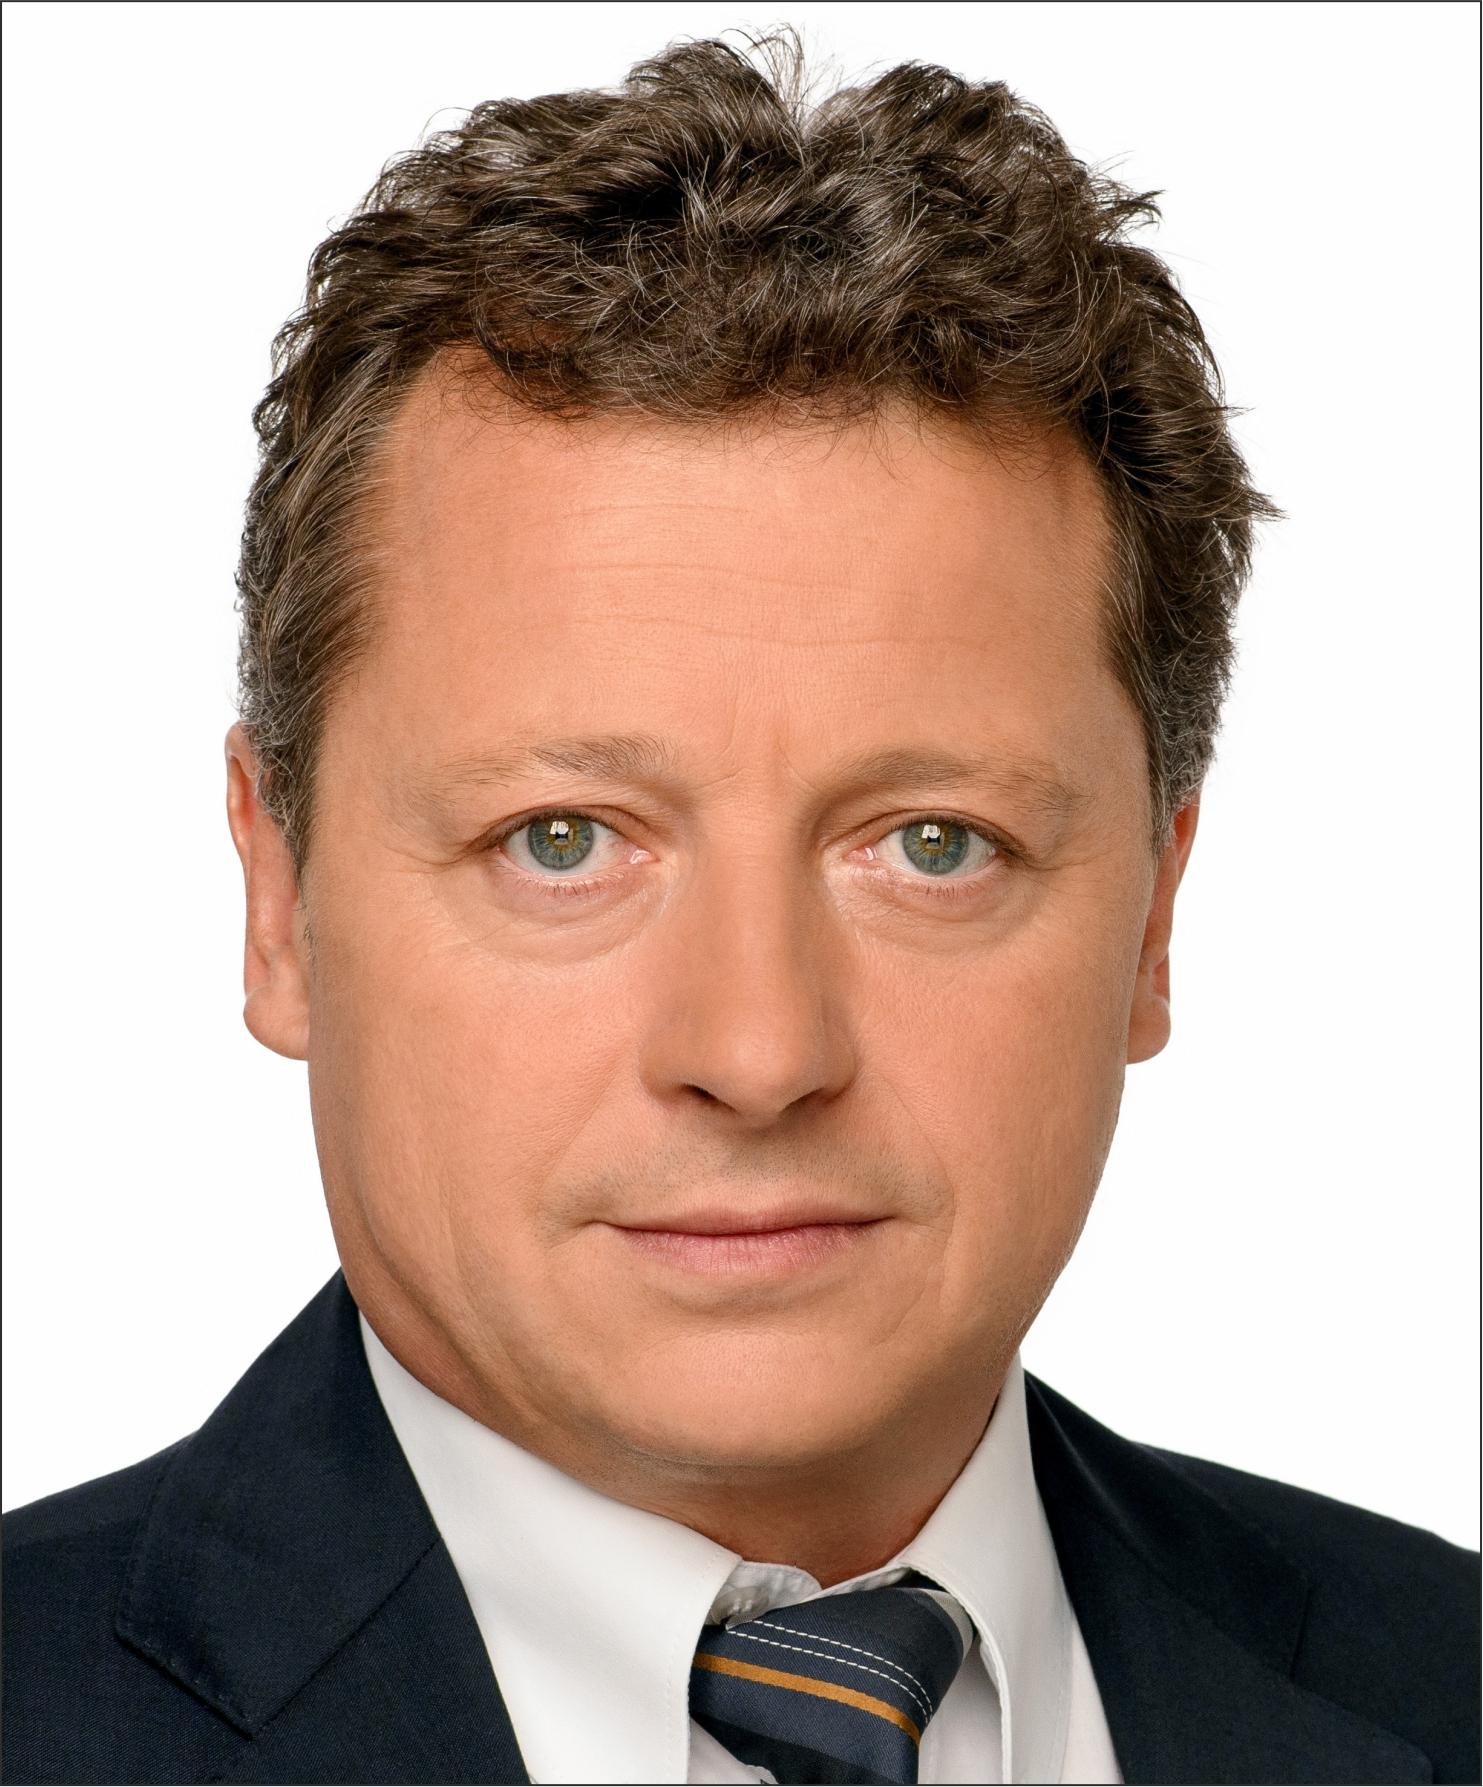 Ernst Gelegs